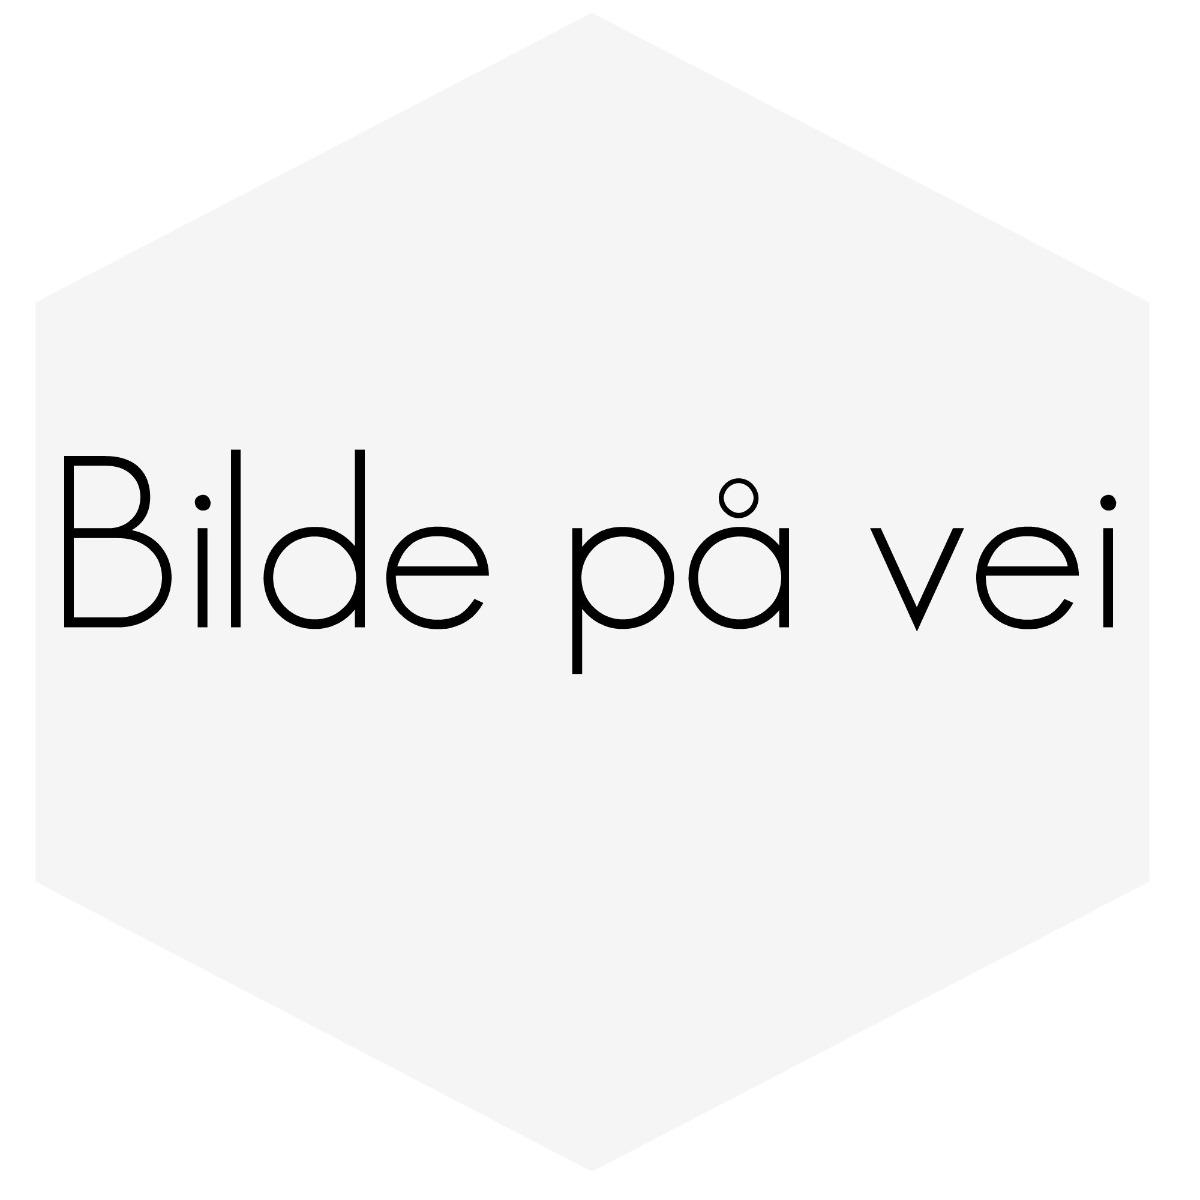 TETTNING BAK PÅ TOPPLOKK. VOLVO B200-230 DER FORDELER SITTER